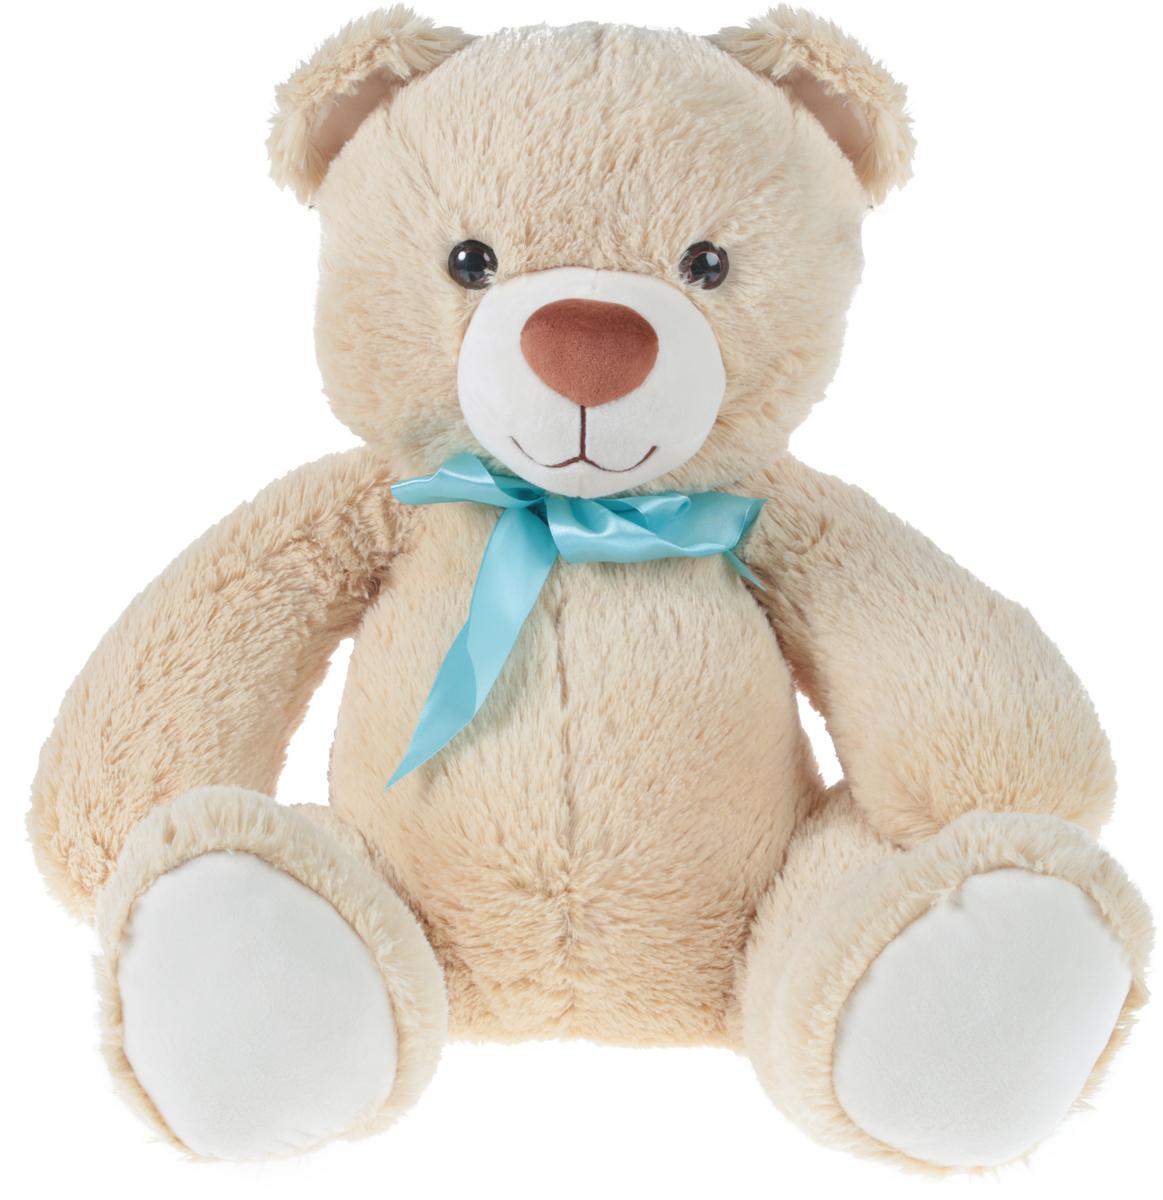 СмолТойс Мягкая игрушка Медвежонок цвет бежевый с бантиком 40 см смолтойс мягкая игрушка медвежонок монти 100 см